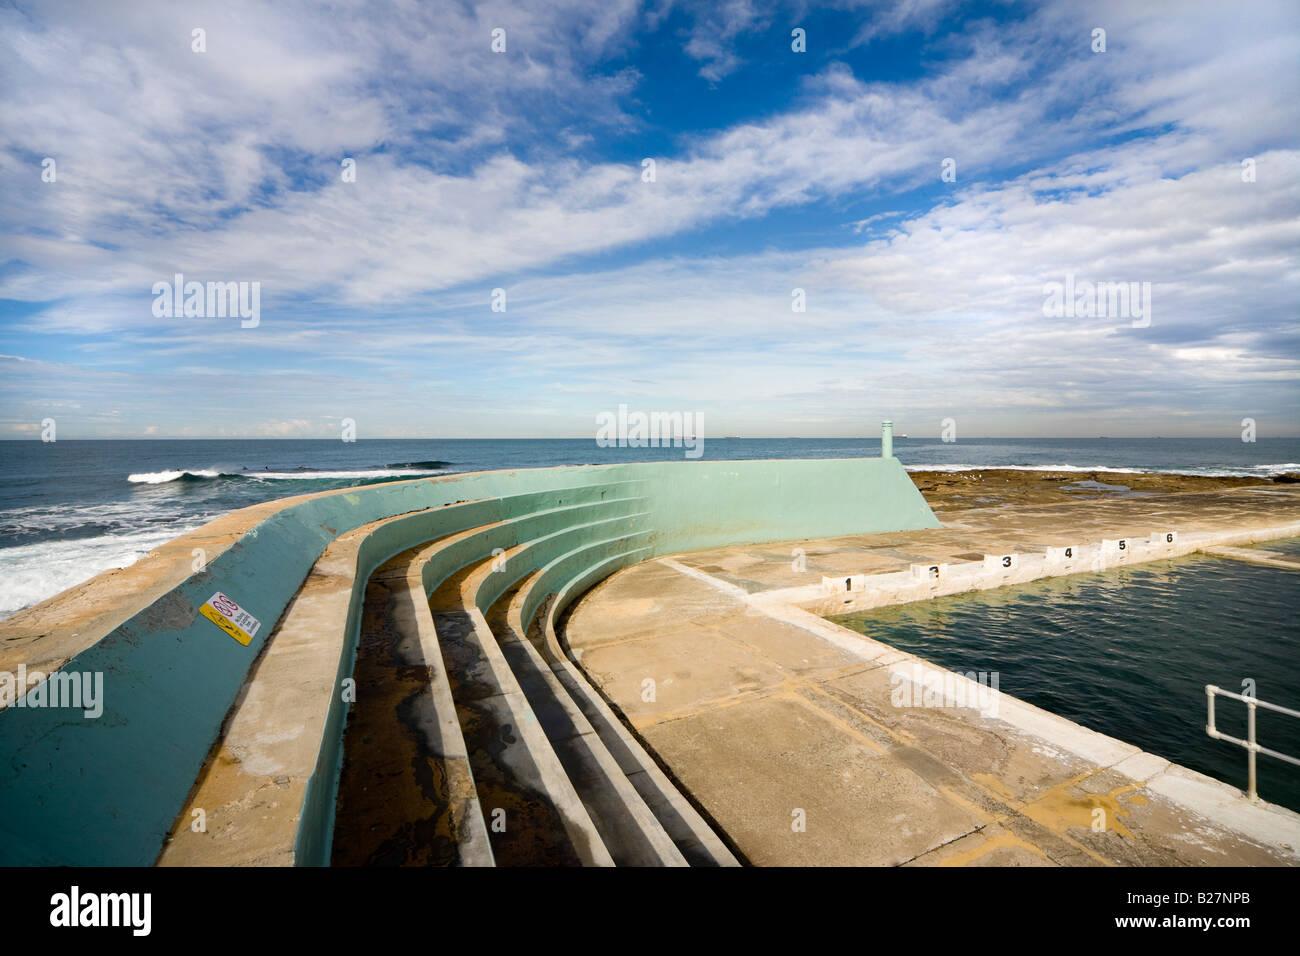 art deco style ocean baths lido in newcastle, nsw, australia stock